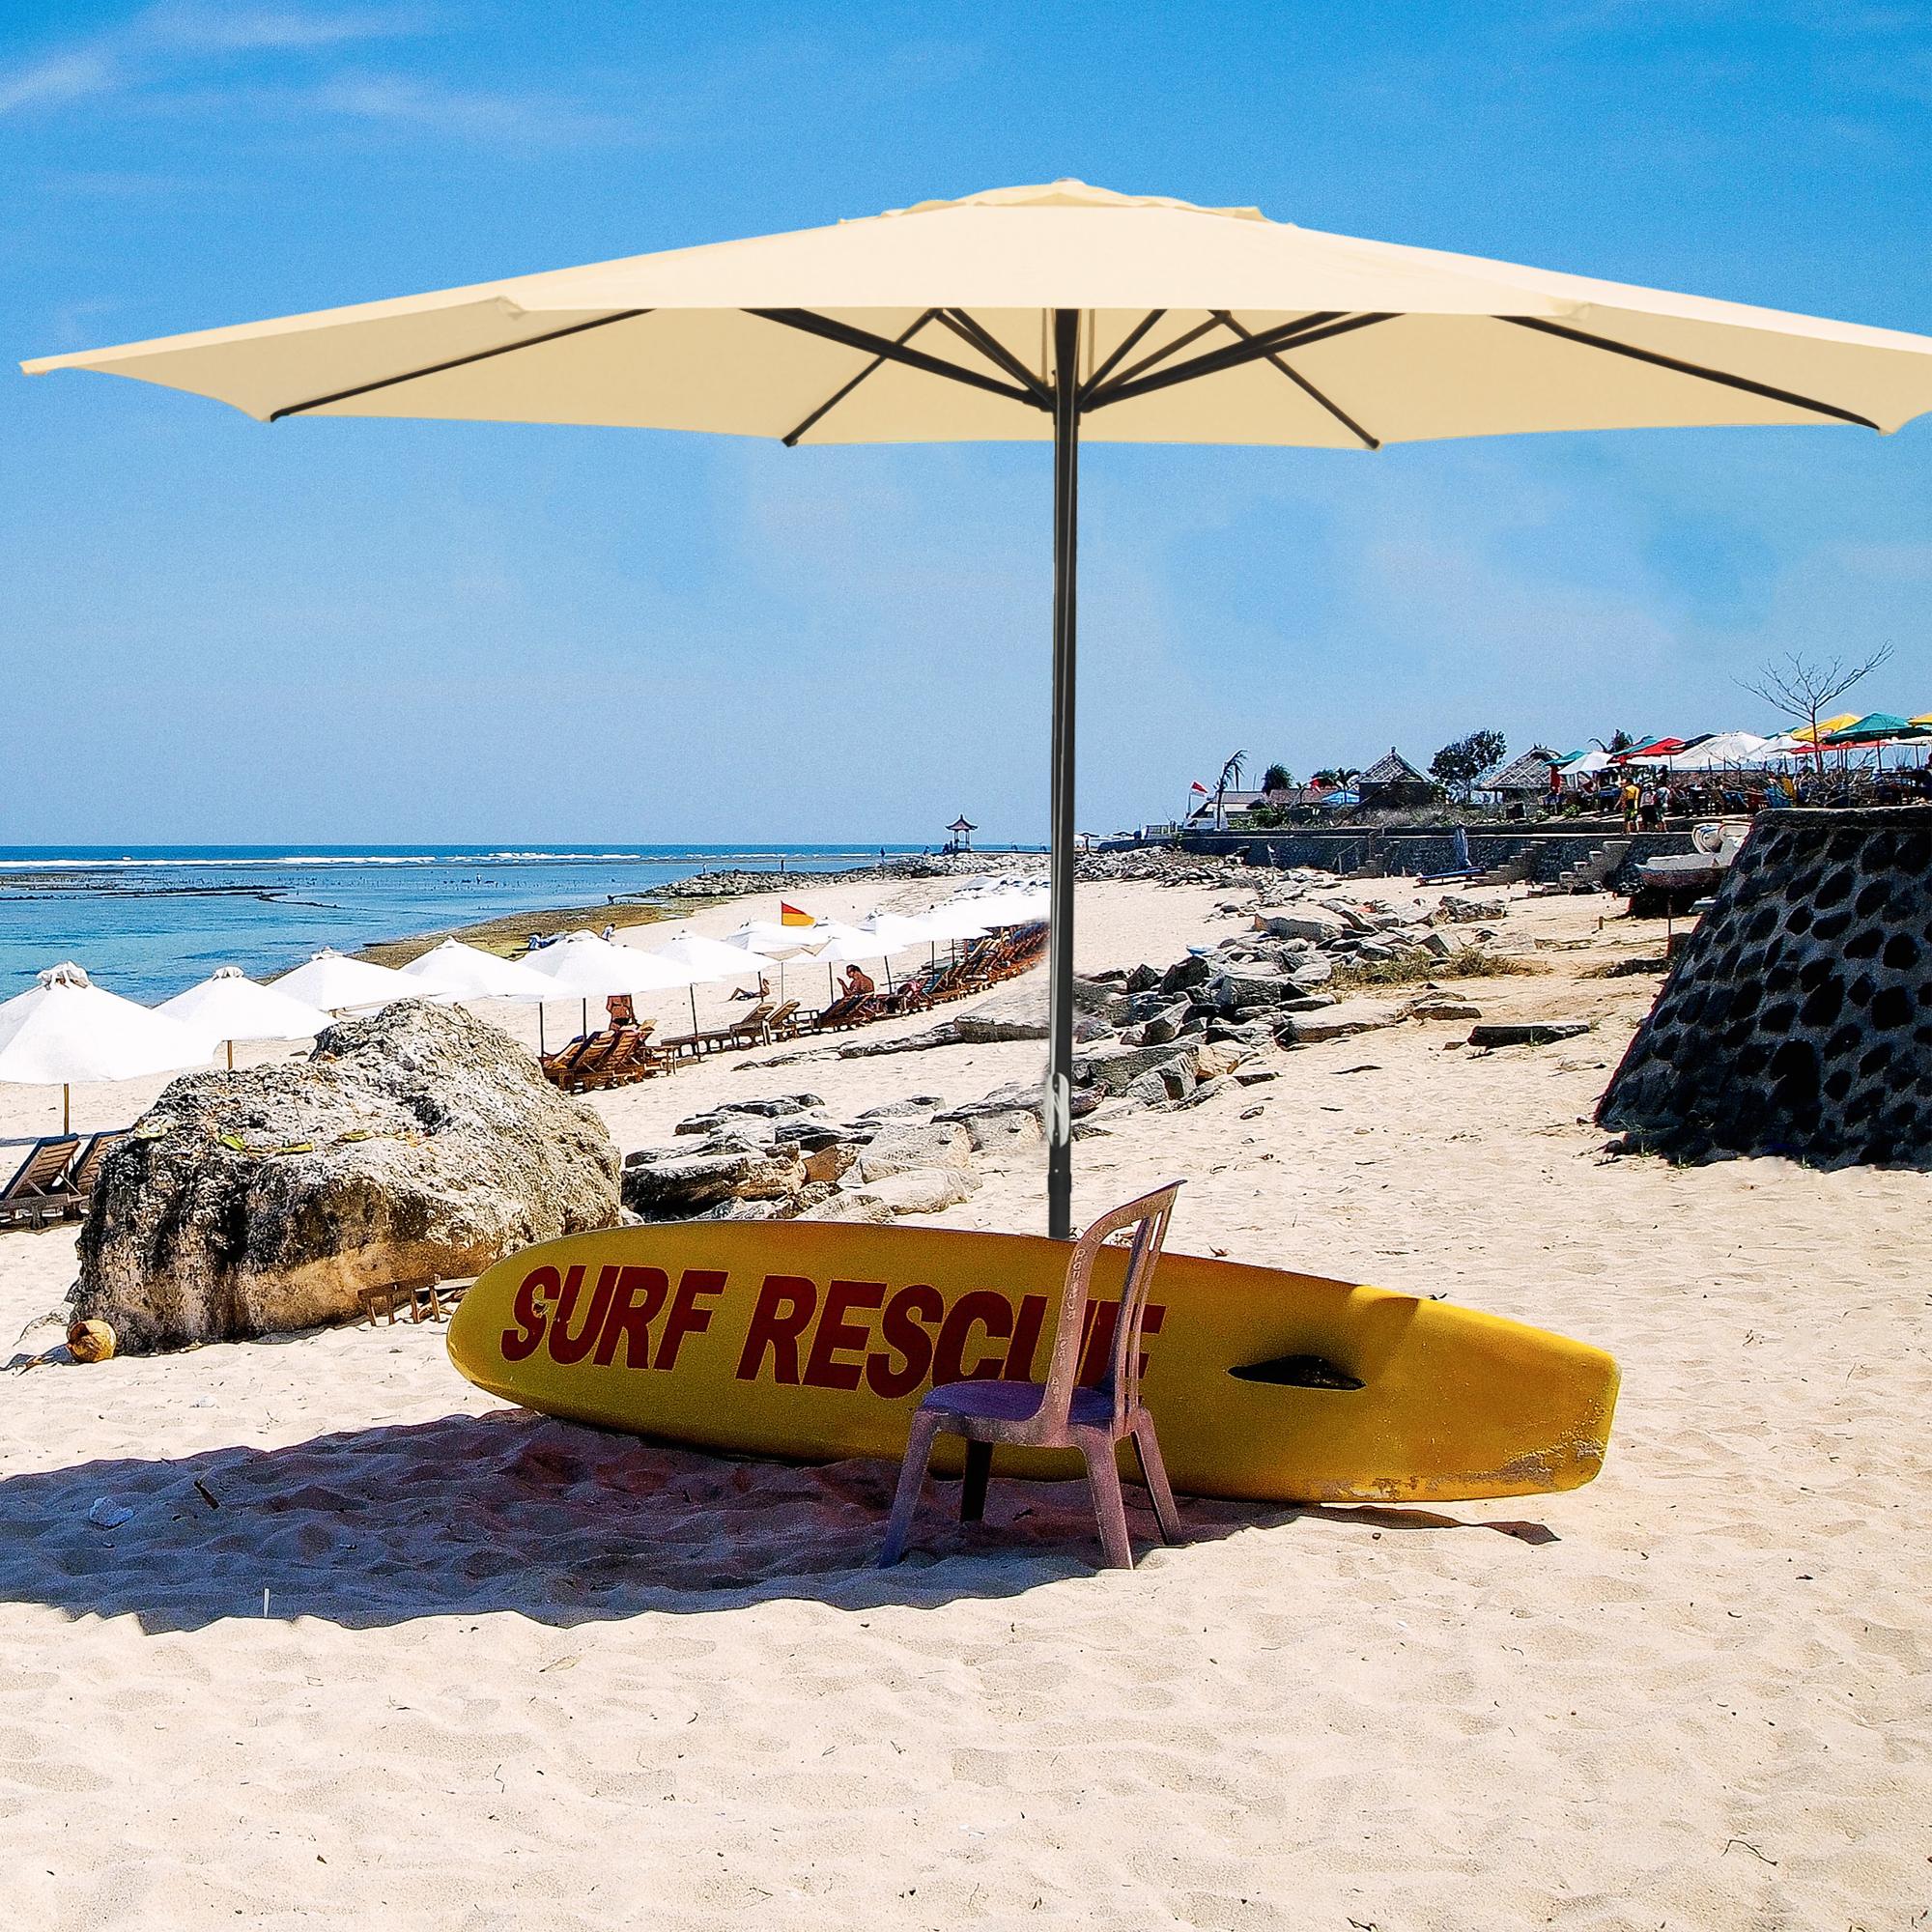 thumbnail 25 - 13' FT Sun Shade Patio Aluminum Umbrella UV30+ Outdoor Market Garden Beach Deck